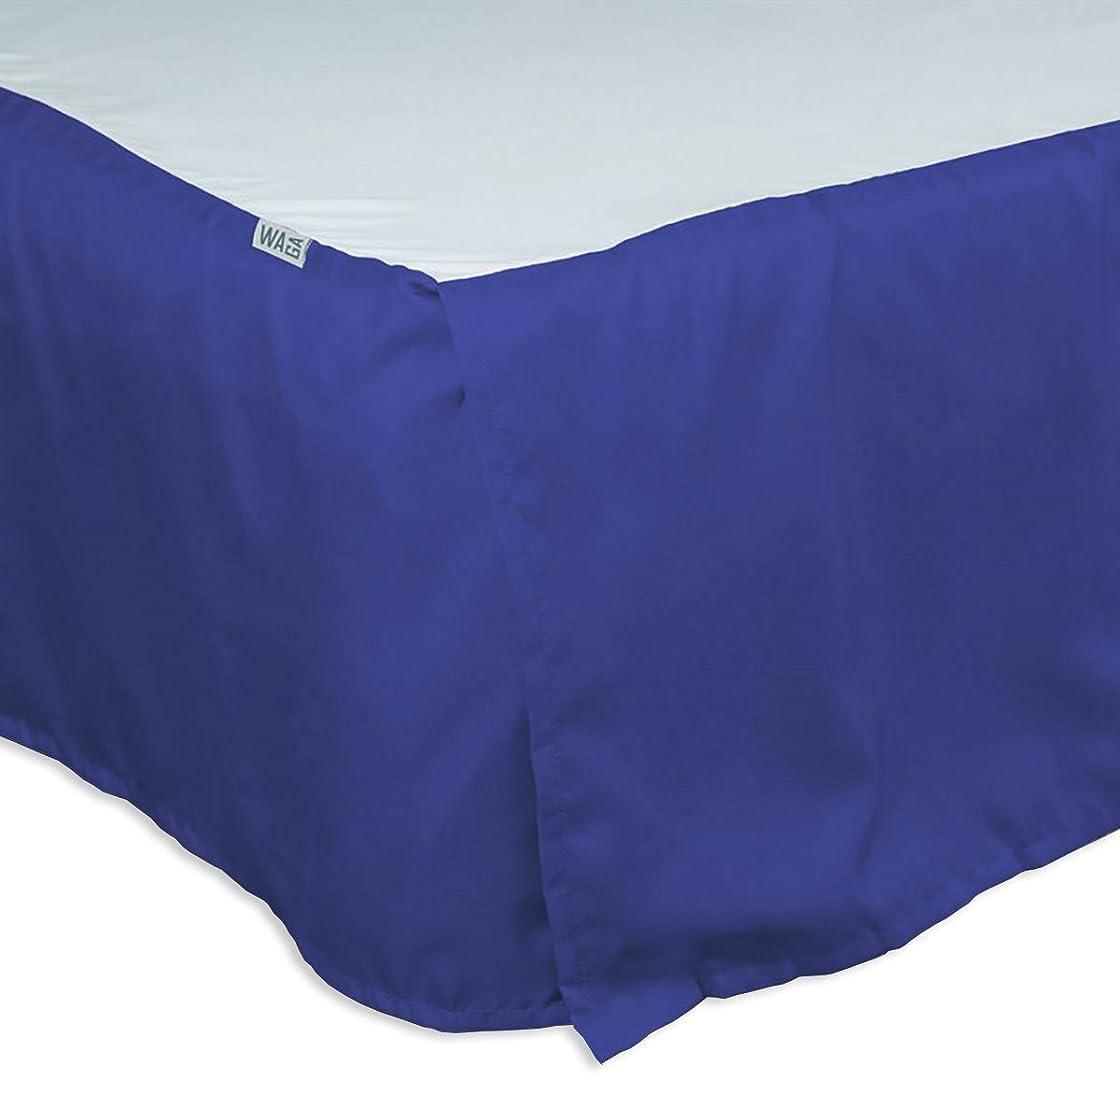 急襲剛性ベンチWaga ベッドスカート 75 gsm Queen (60